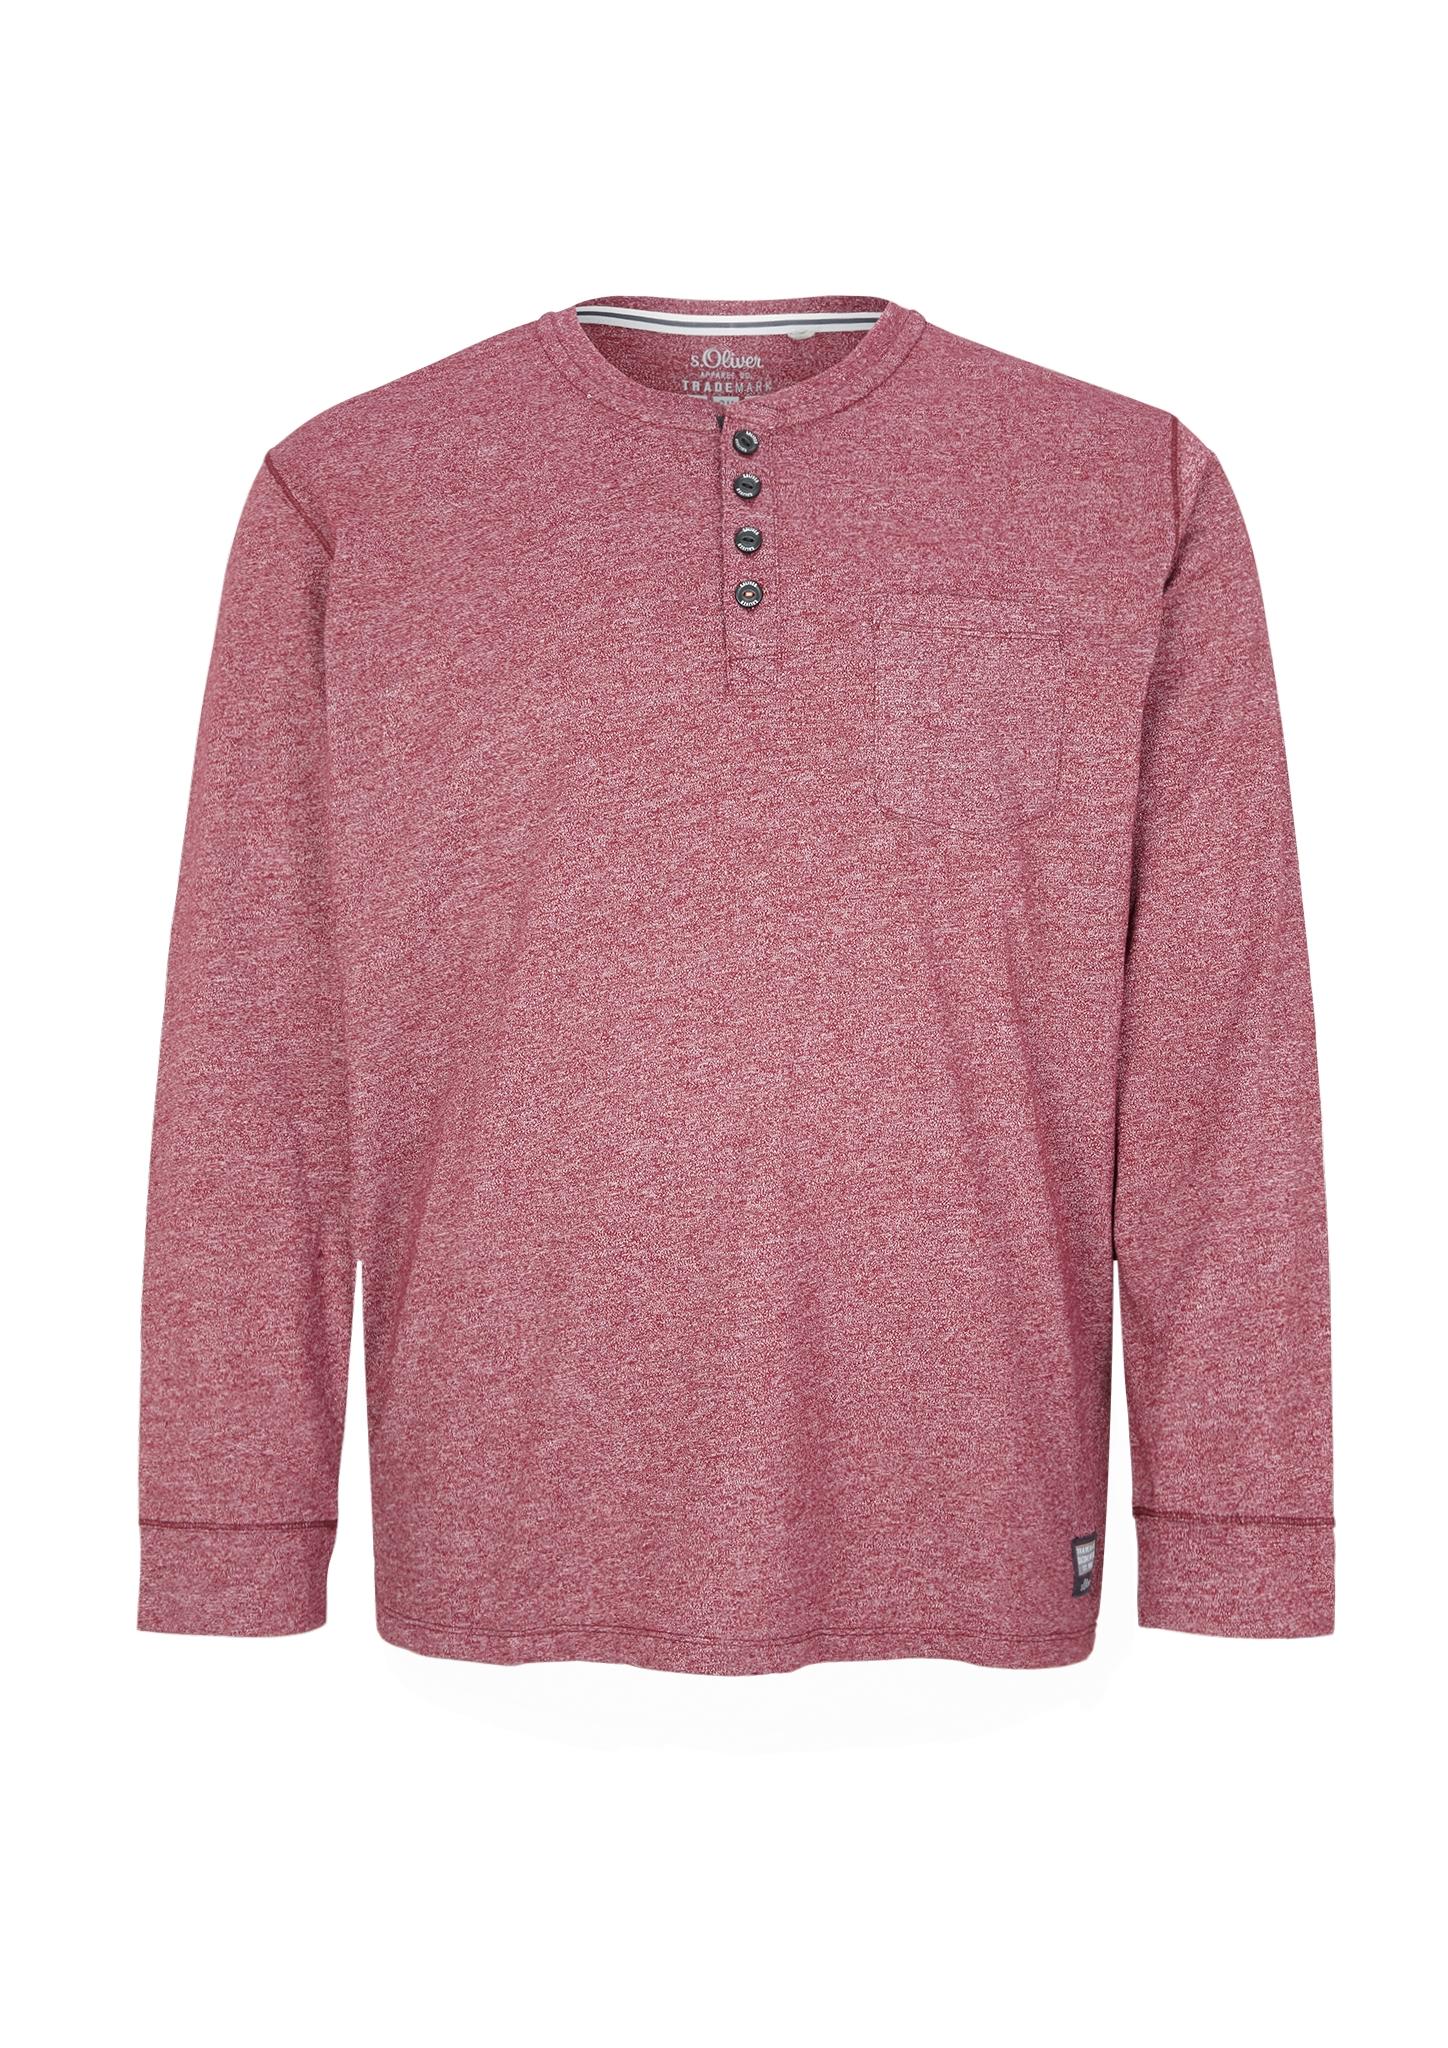 Langarmshirt | Bekleidung > Shirts > Langarm Shirts | Rosa | 50% baumwolle -  50% polyester | s.Oliver Men Big Sizes